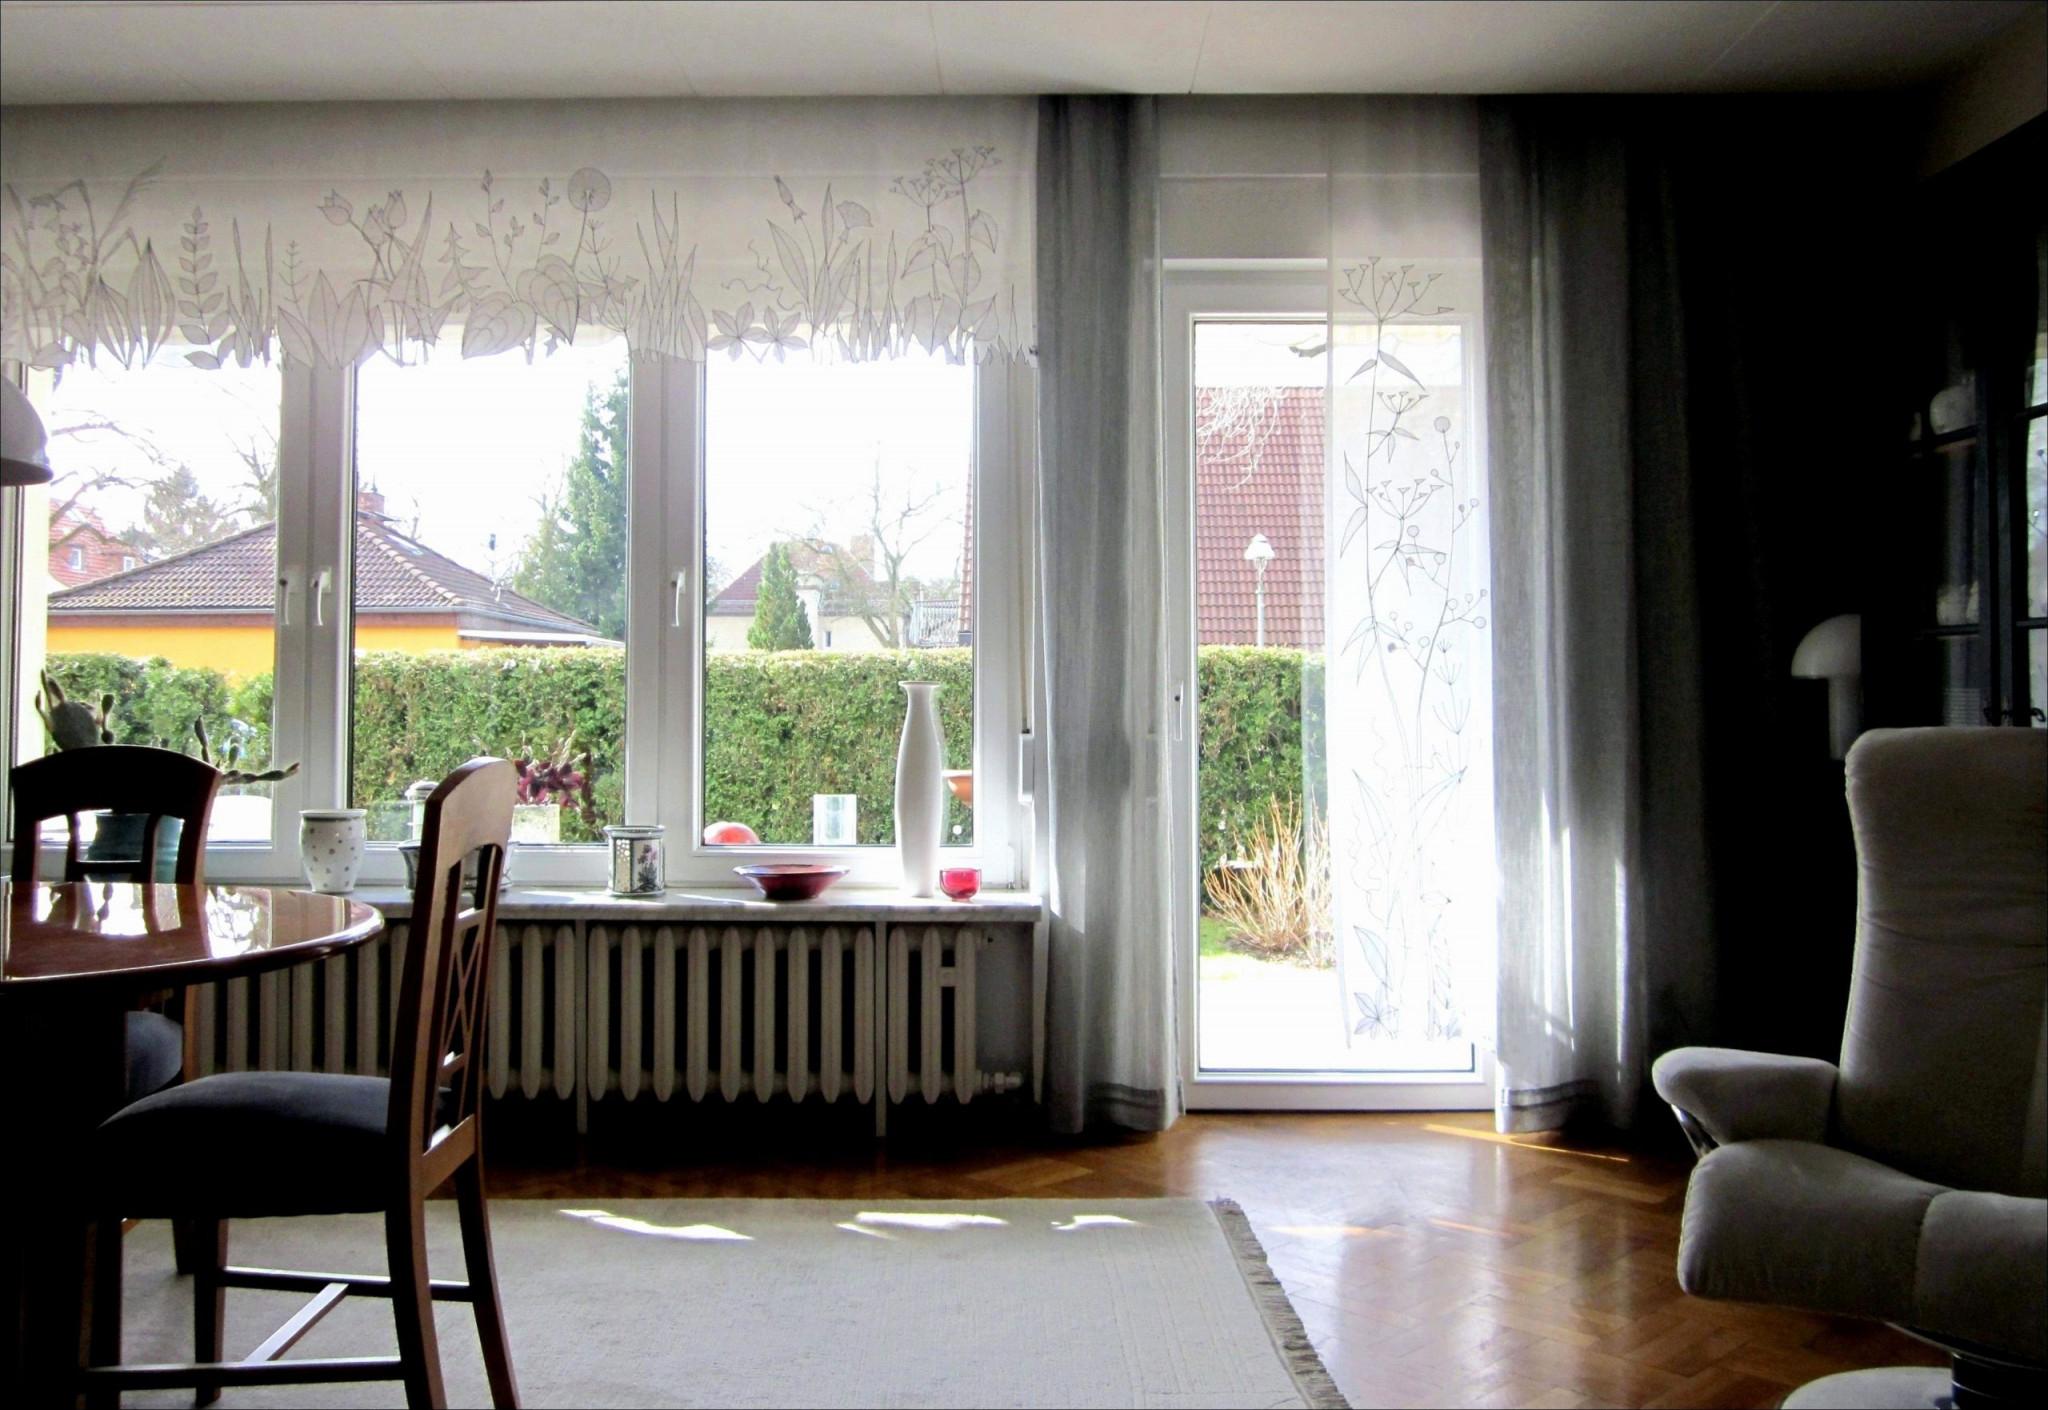 Wohnzimmer Gardinen Kurz Das Beste Von Kurze Gardinen von Wohnzimmer Gardinen Kurz Photo